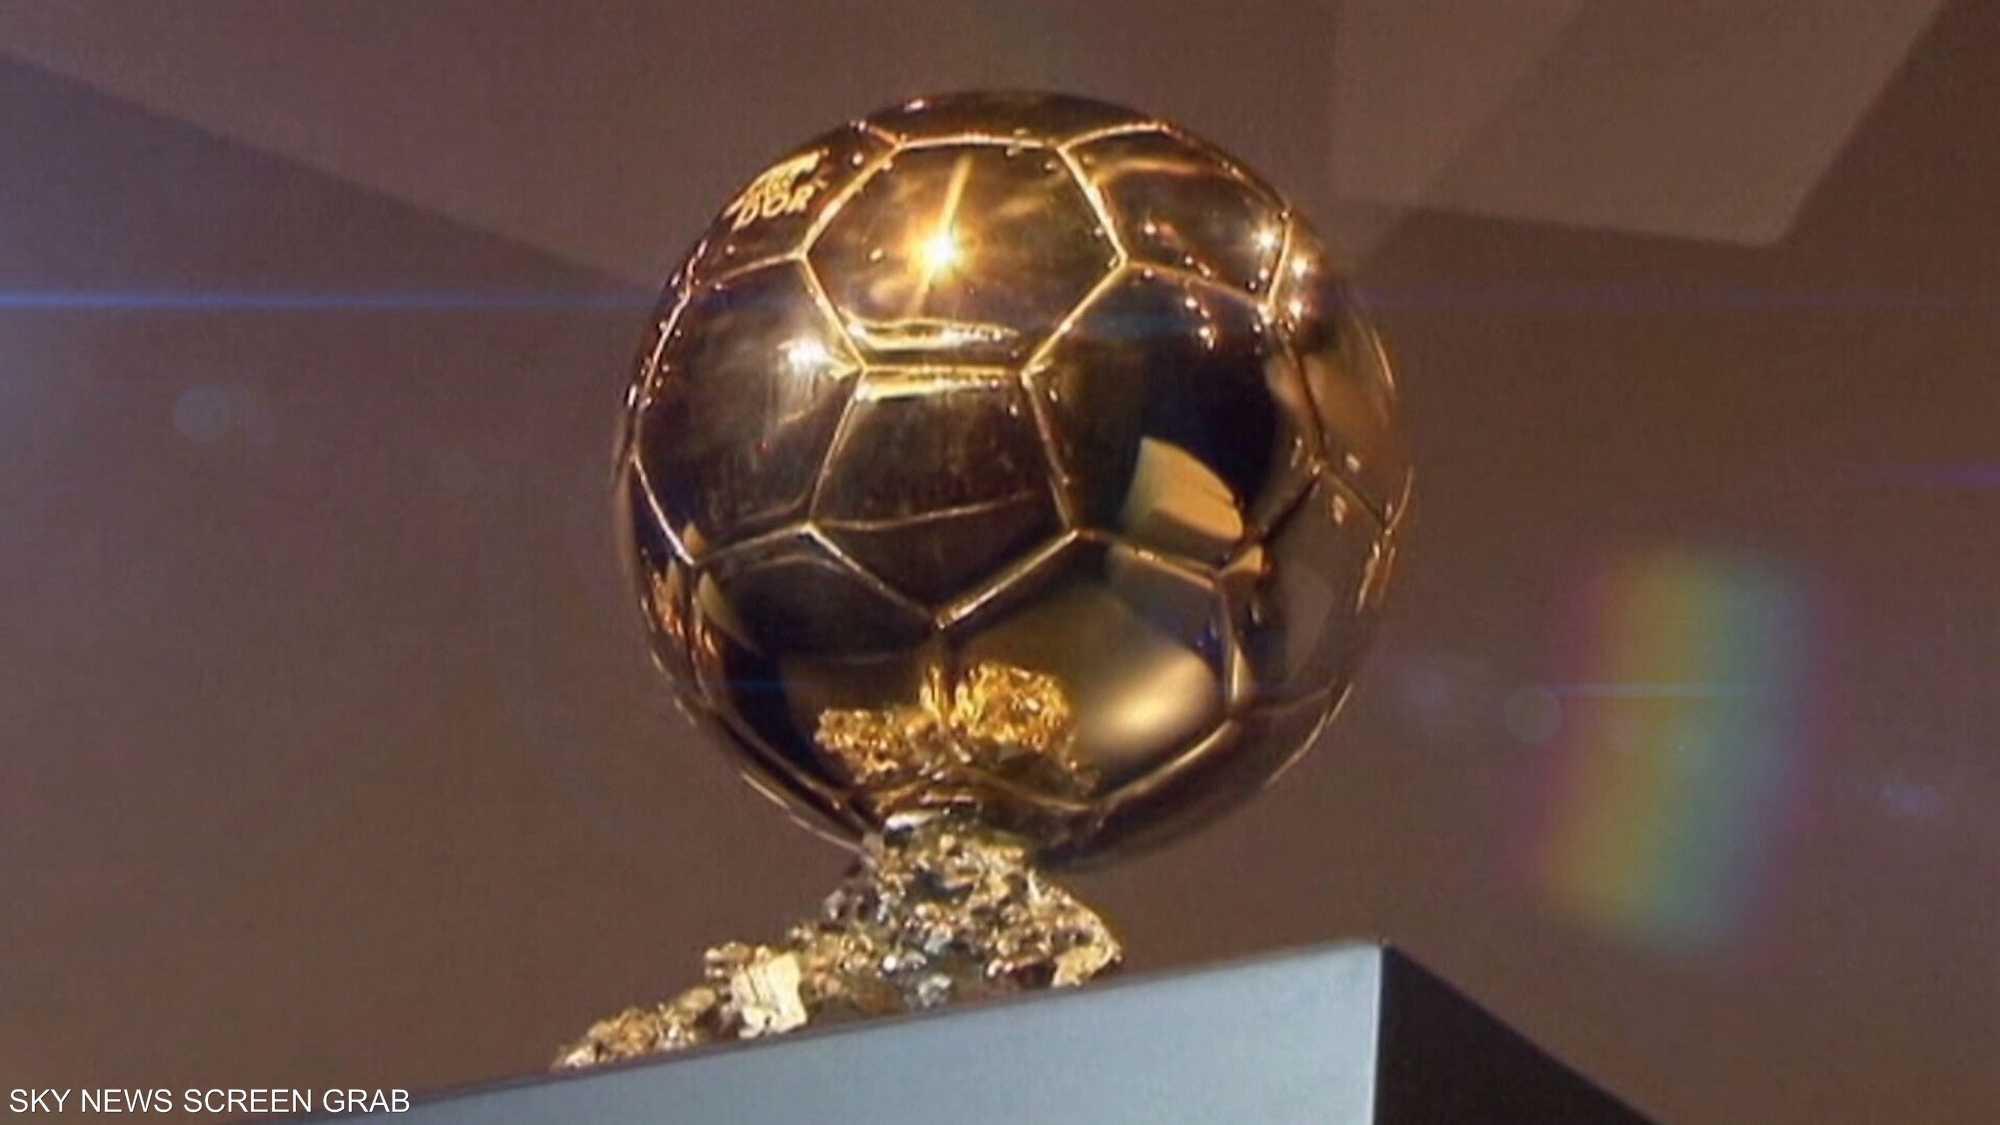 كورونا.. الكرة الذهبية 2020 في مهب الريح